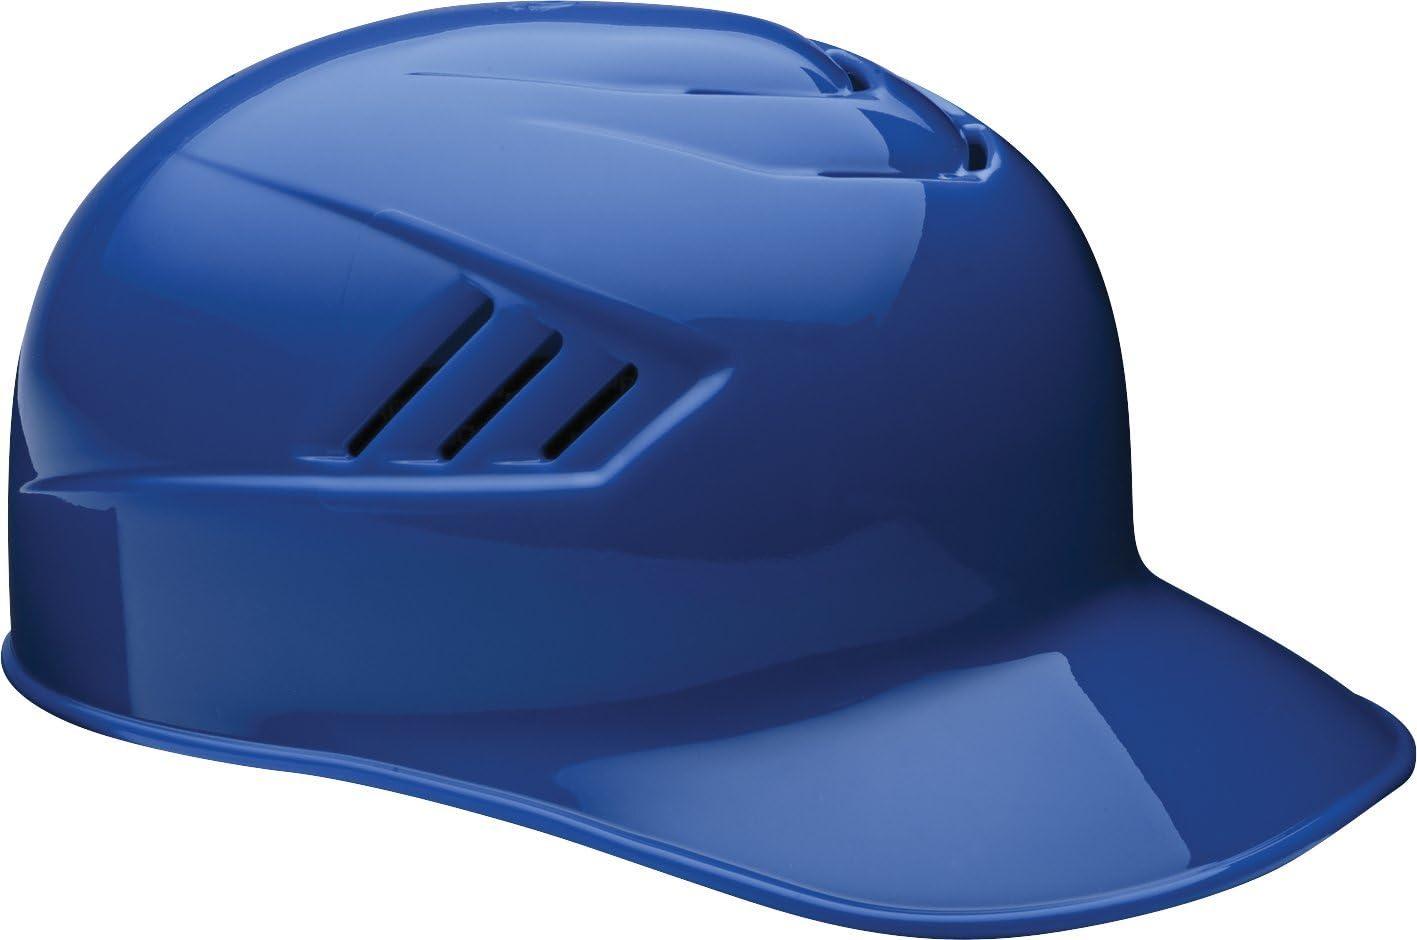 Rawlings Pro Superior Base Coach Helmet Indefinitely 1 8 7 Royal